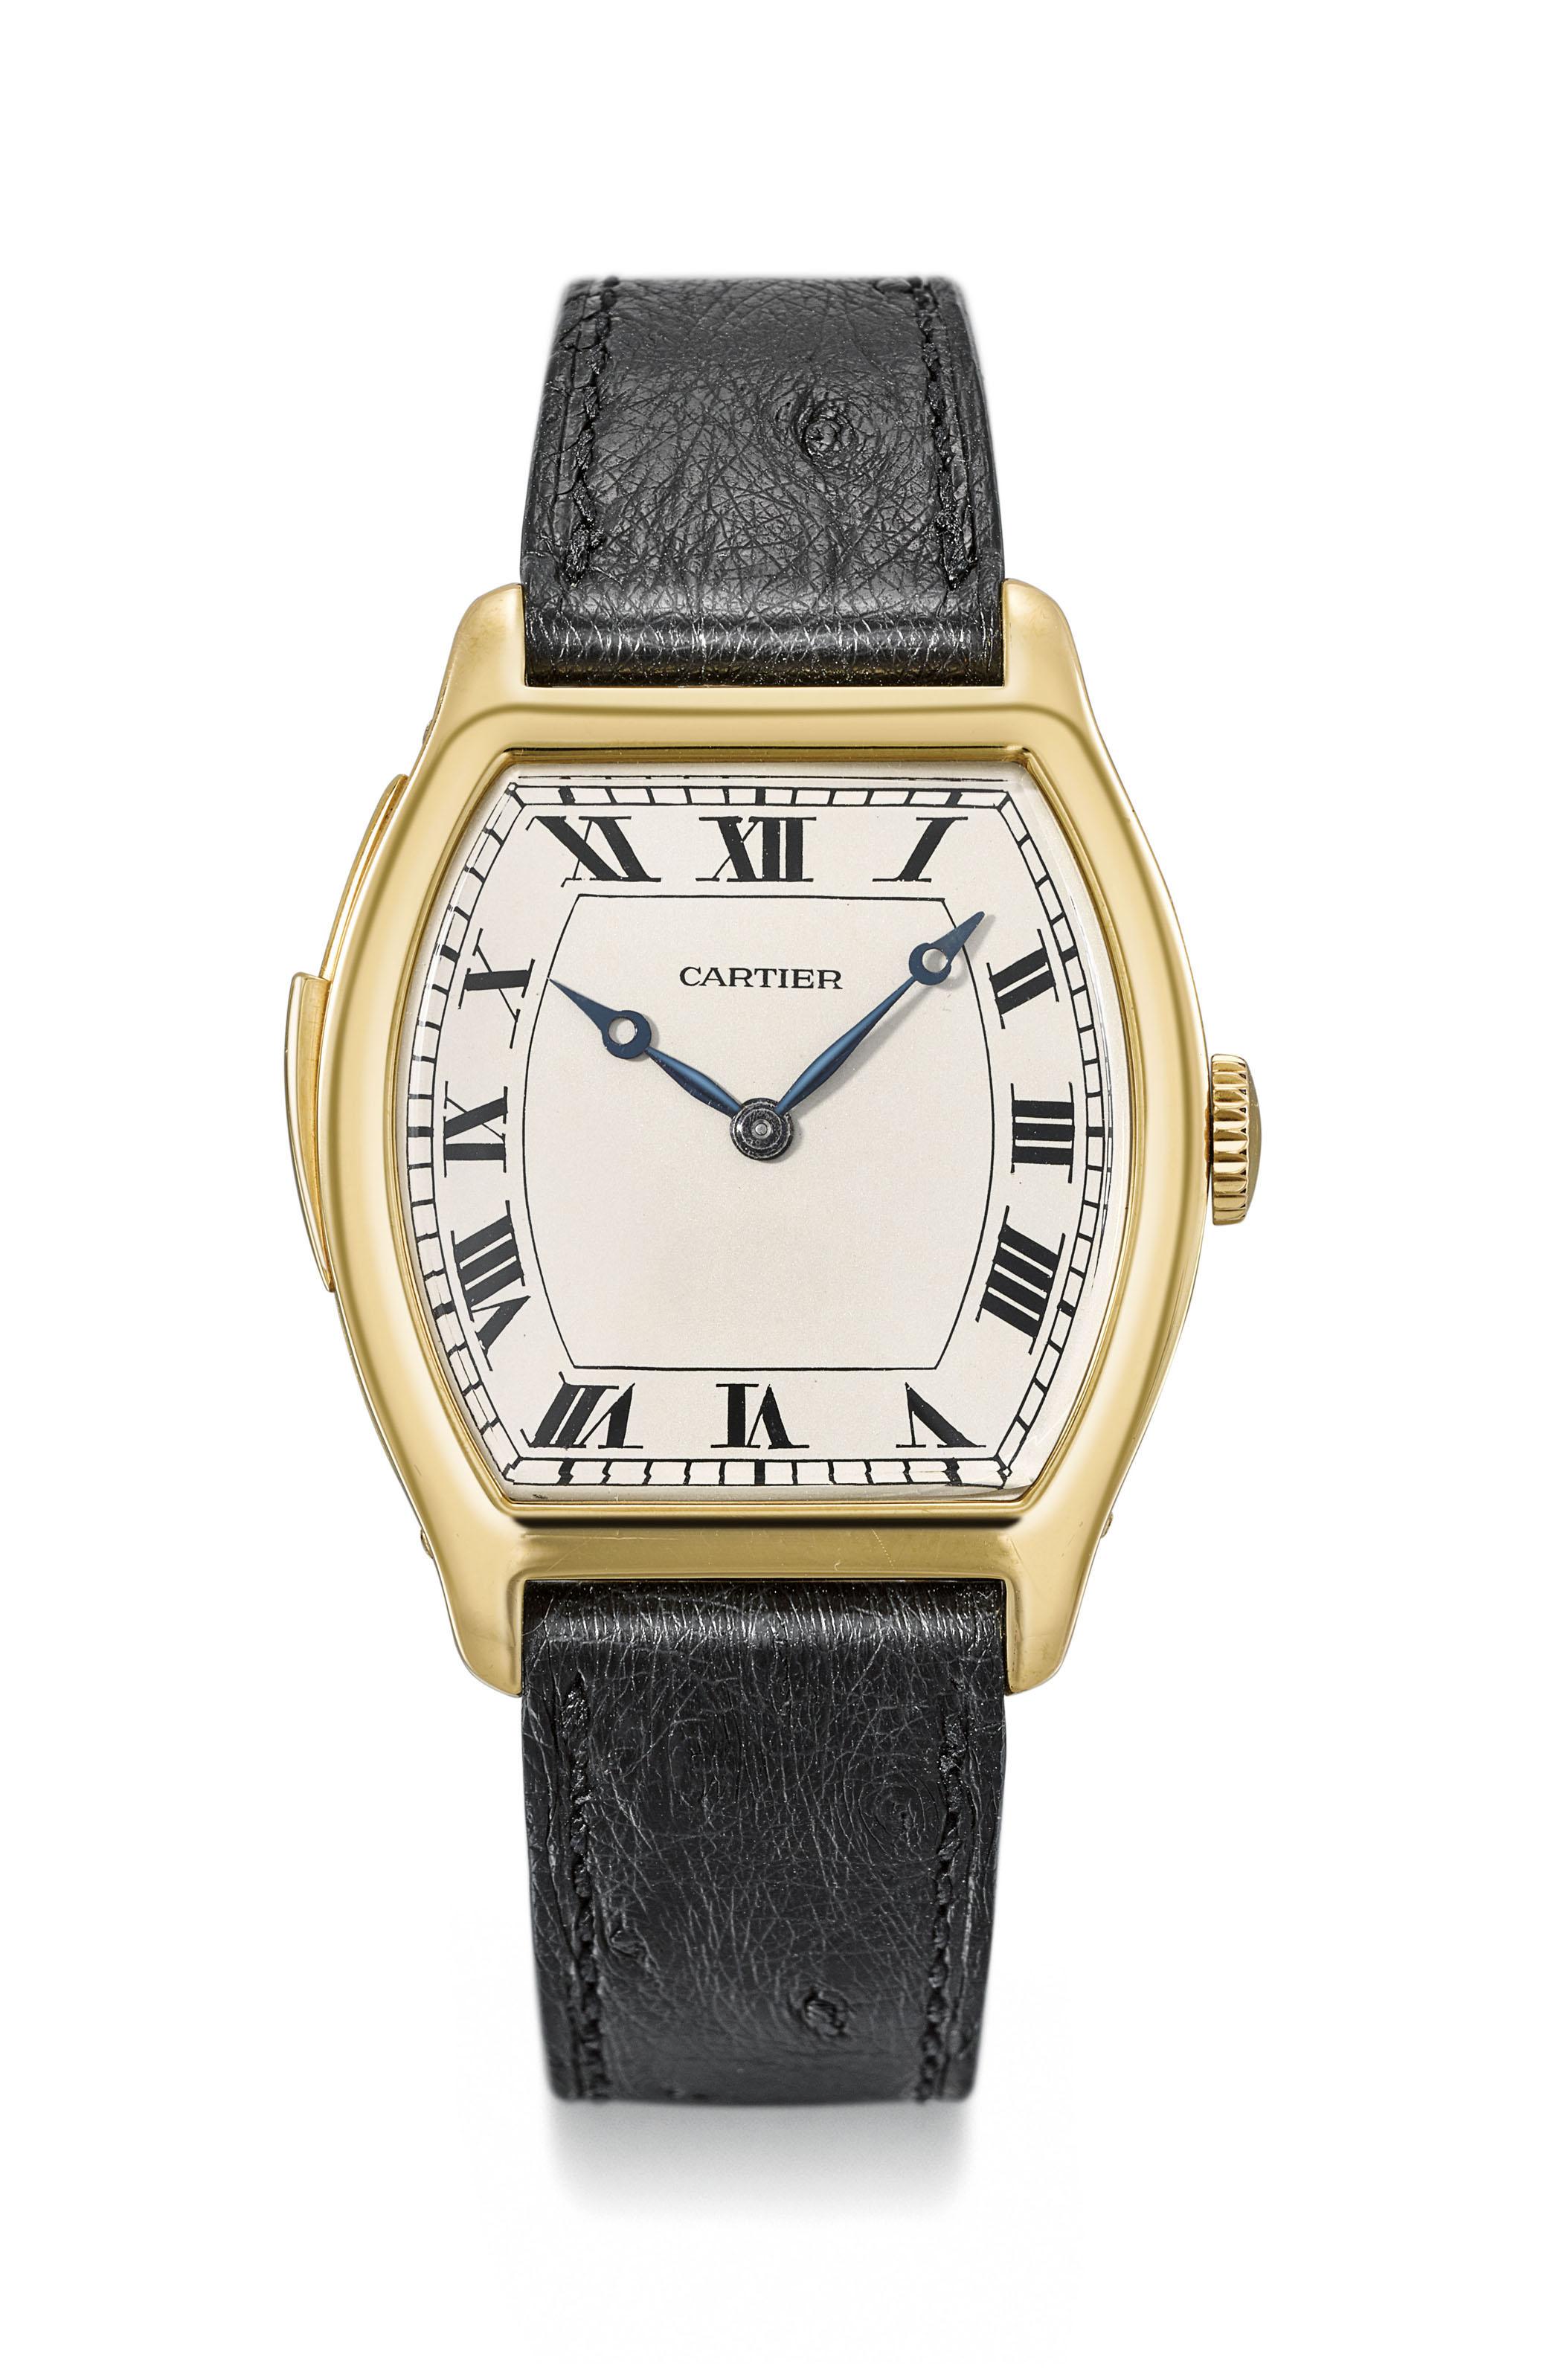 Cartier. An exceptionally rare